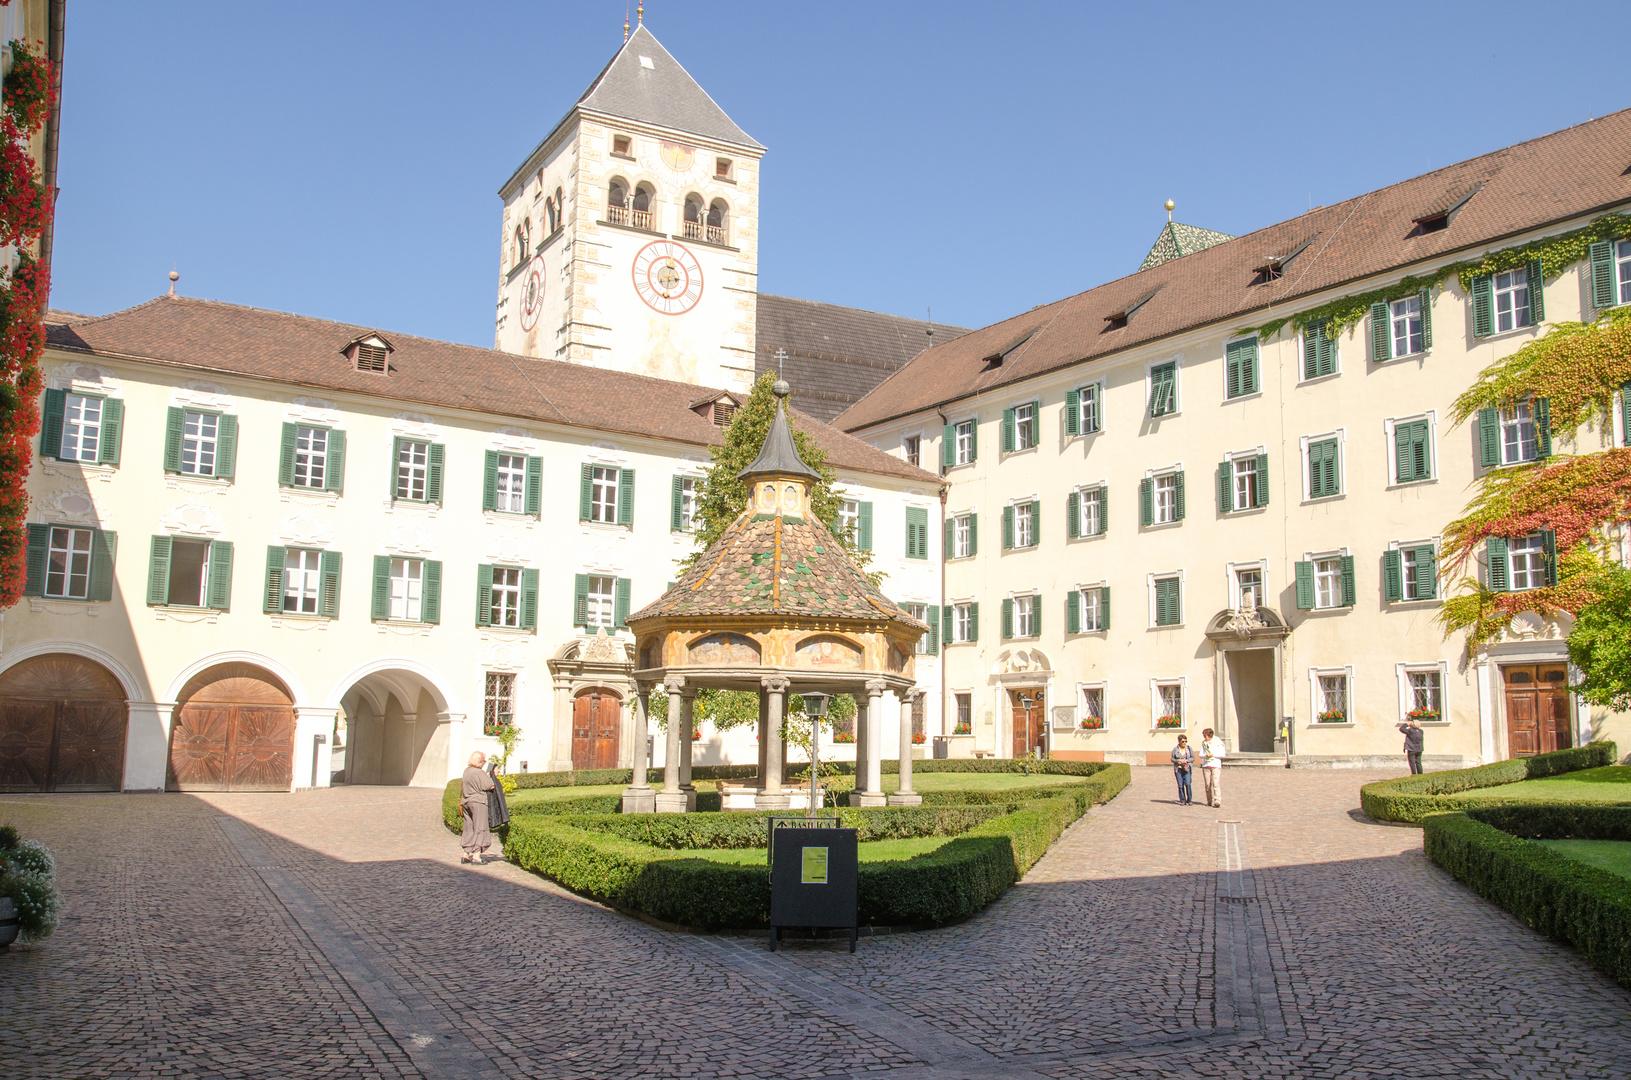 Innenhof von Kloster Neustift..